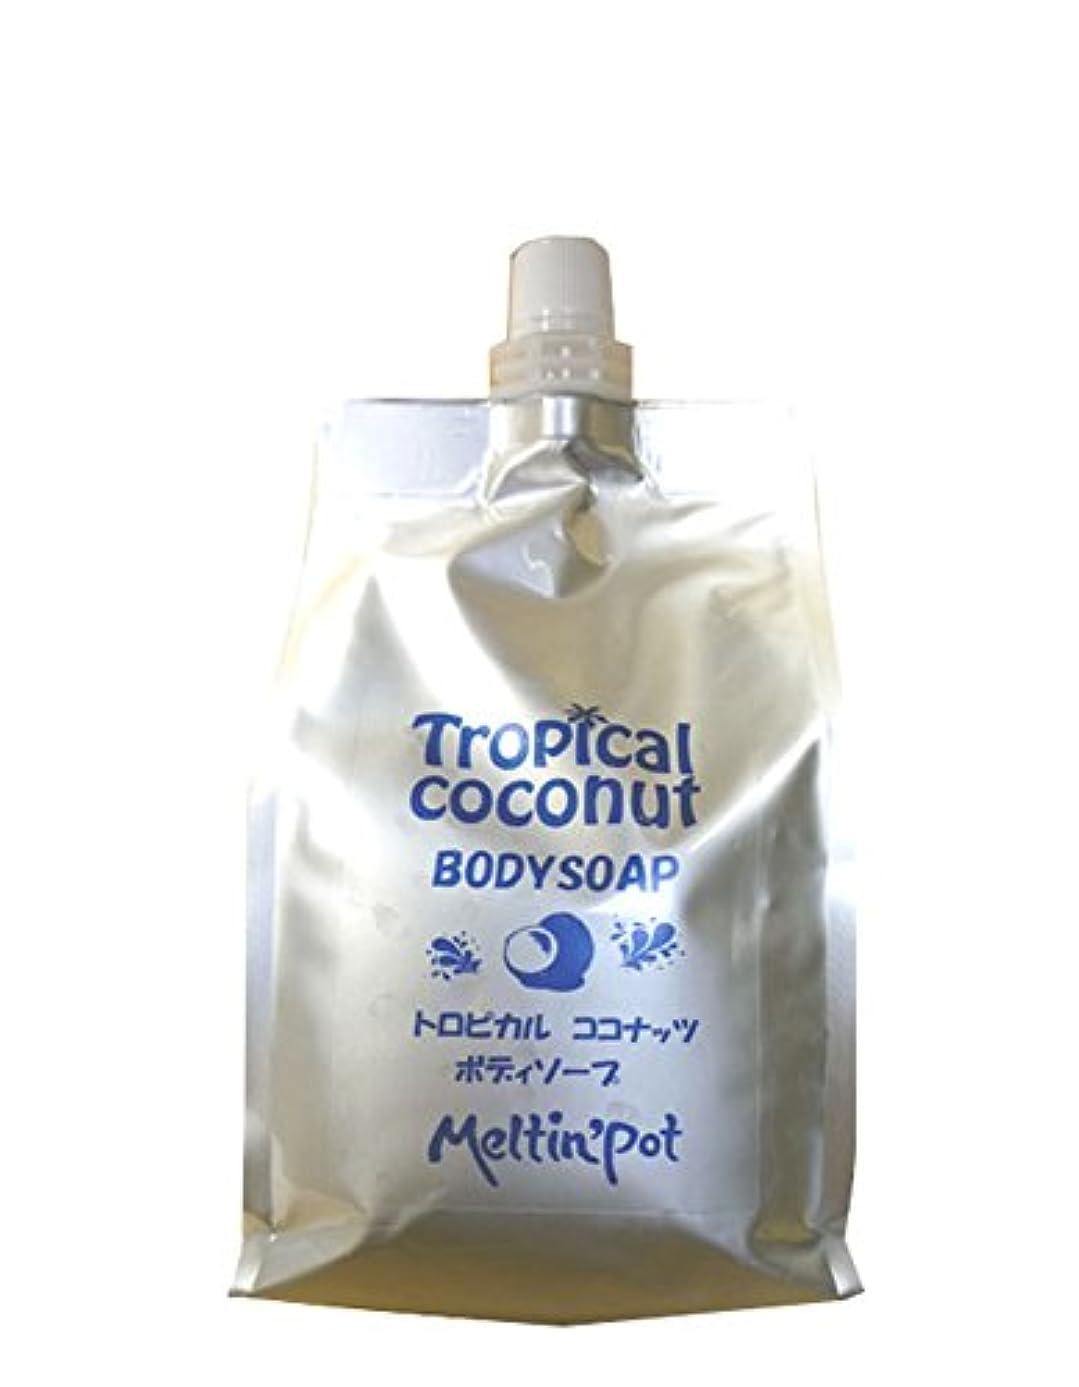 バンクアリーナ世界トロピカルココナッツ ボディソープ 1000ml 詰め替え Tropical coconut Body Soap 加齢臭に! [MeltinPot]